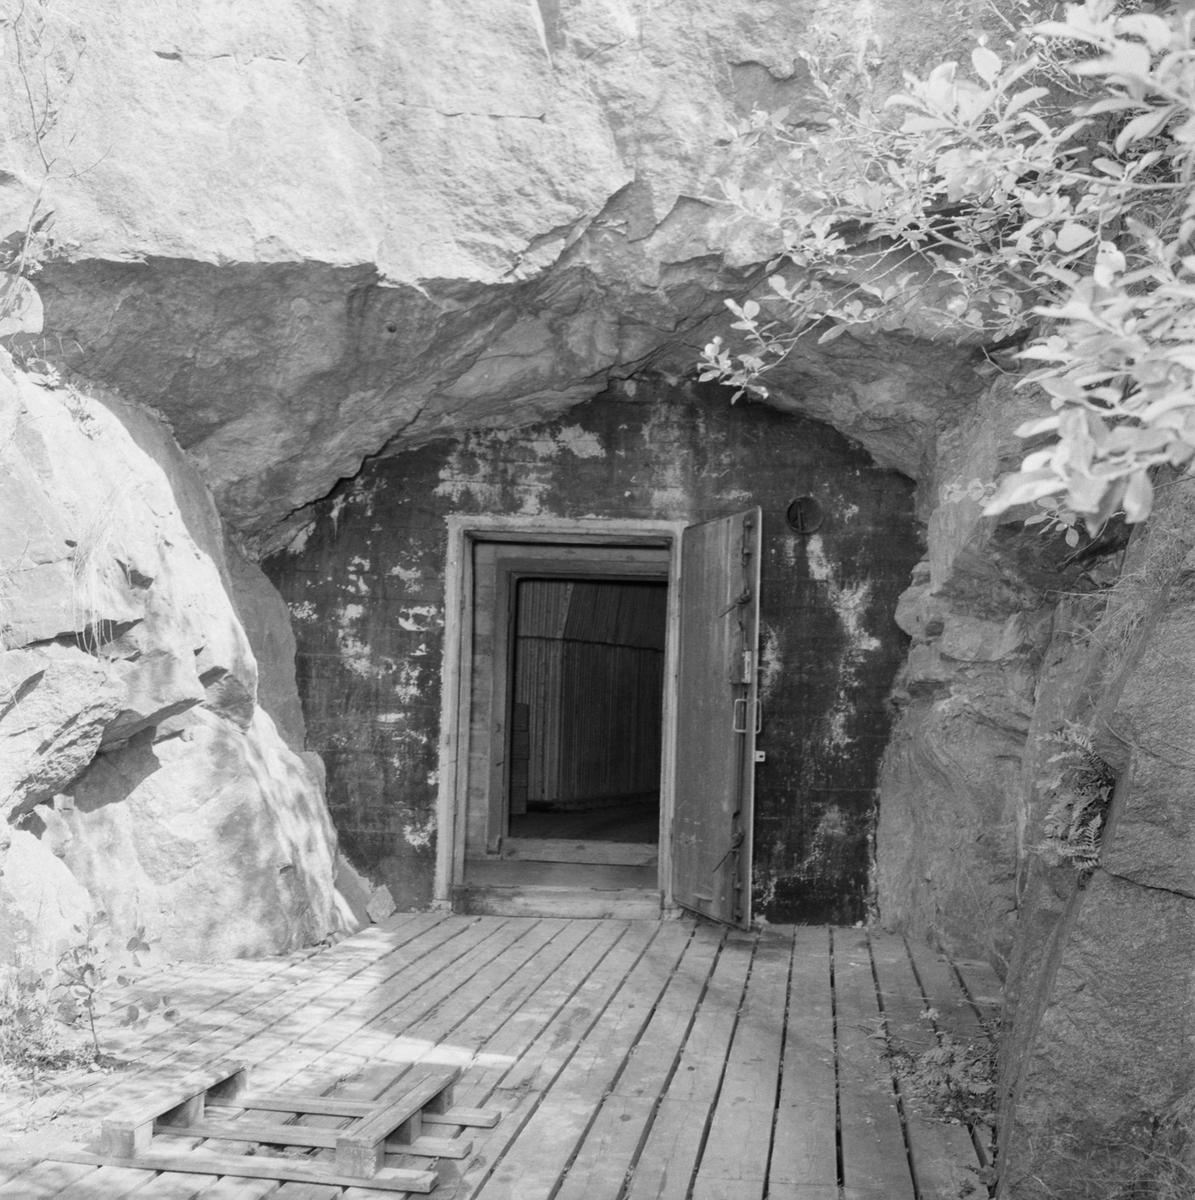 Övrigt: Fotodatum:21/7 1959 Byggnader och Kranar. Karlsholmen tunnlar int o byggnad exteriör. Närmast identisk bild: V16616, ej skannad